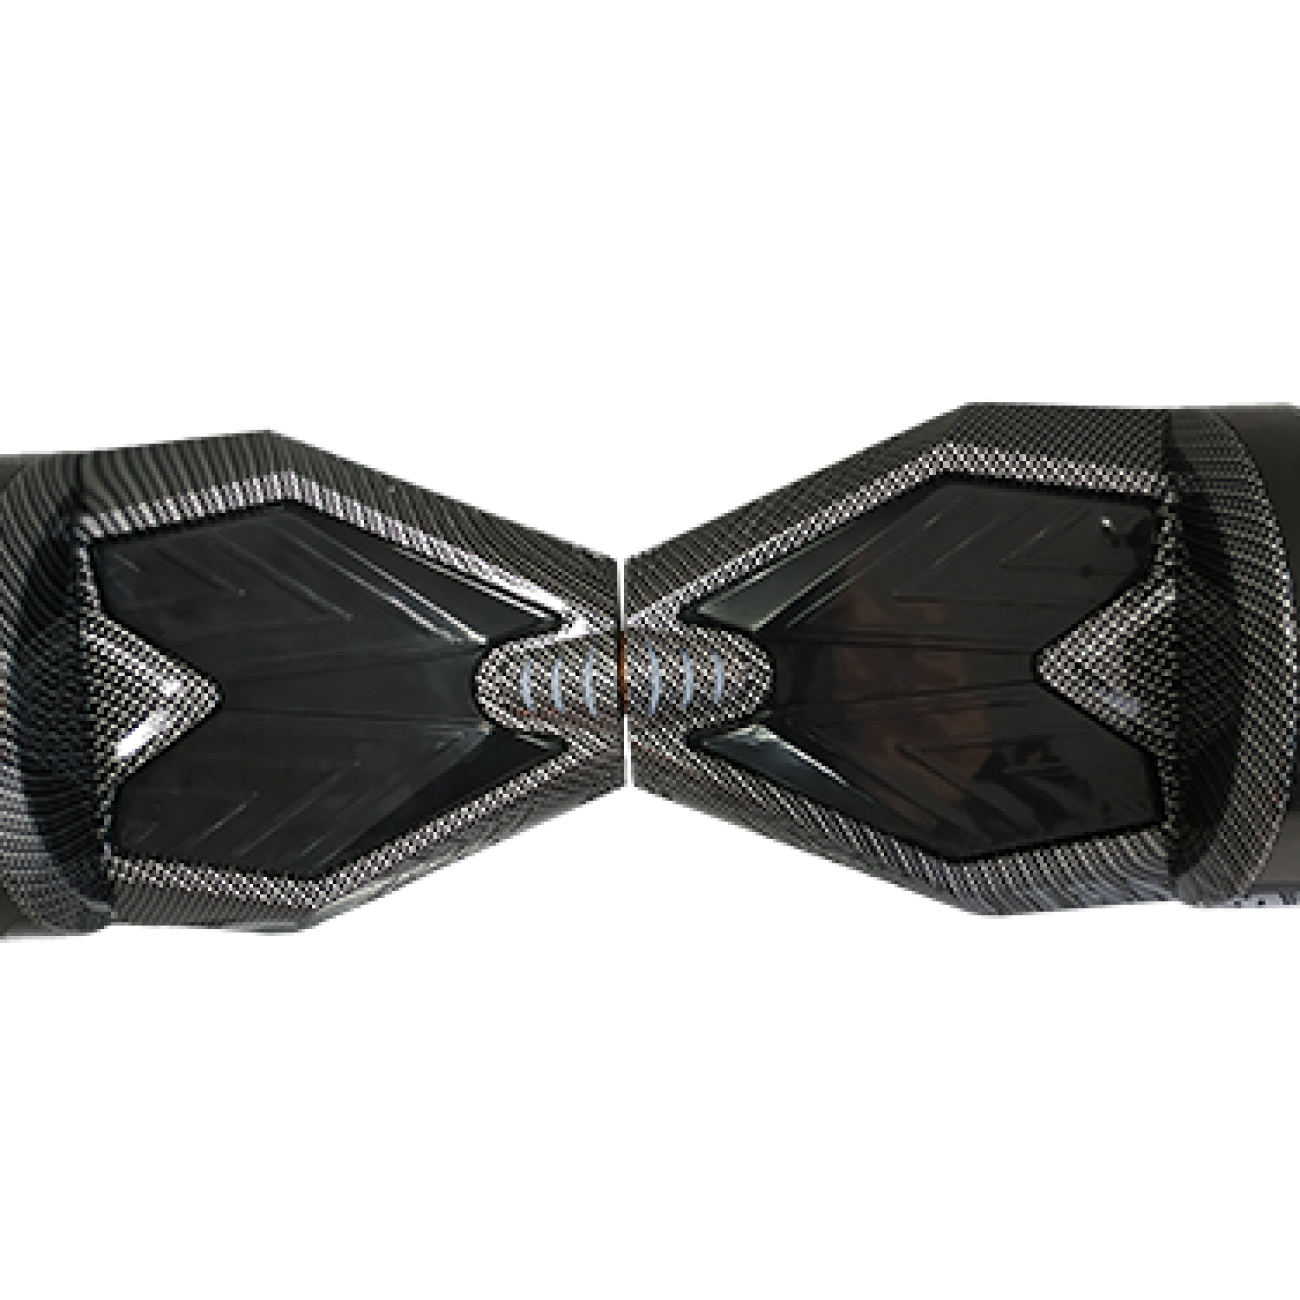 Πατίνι Ισορροπίας Hoverboard